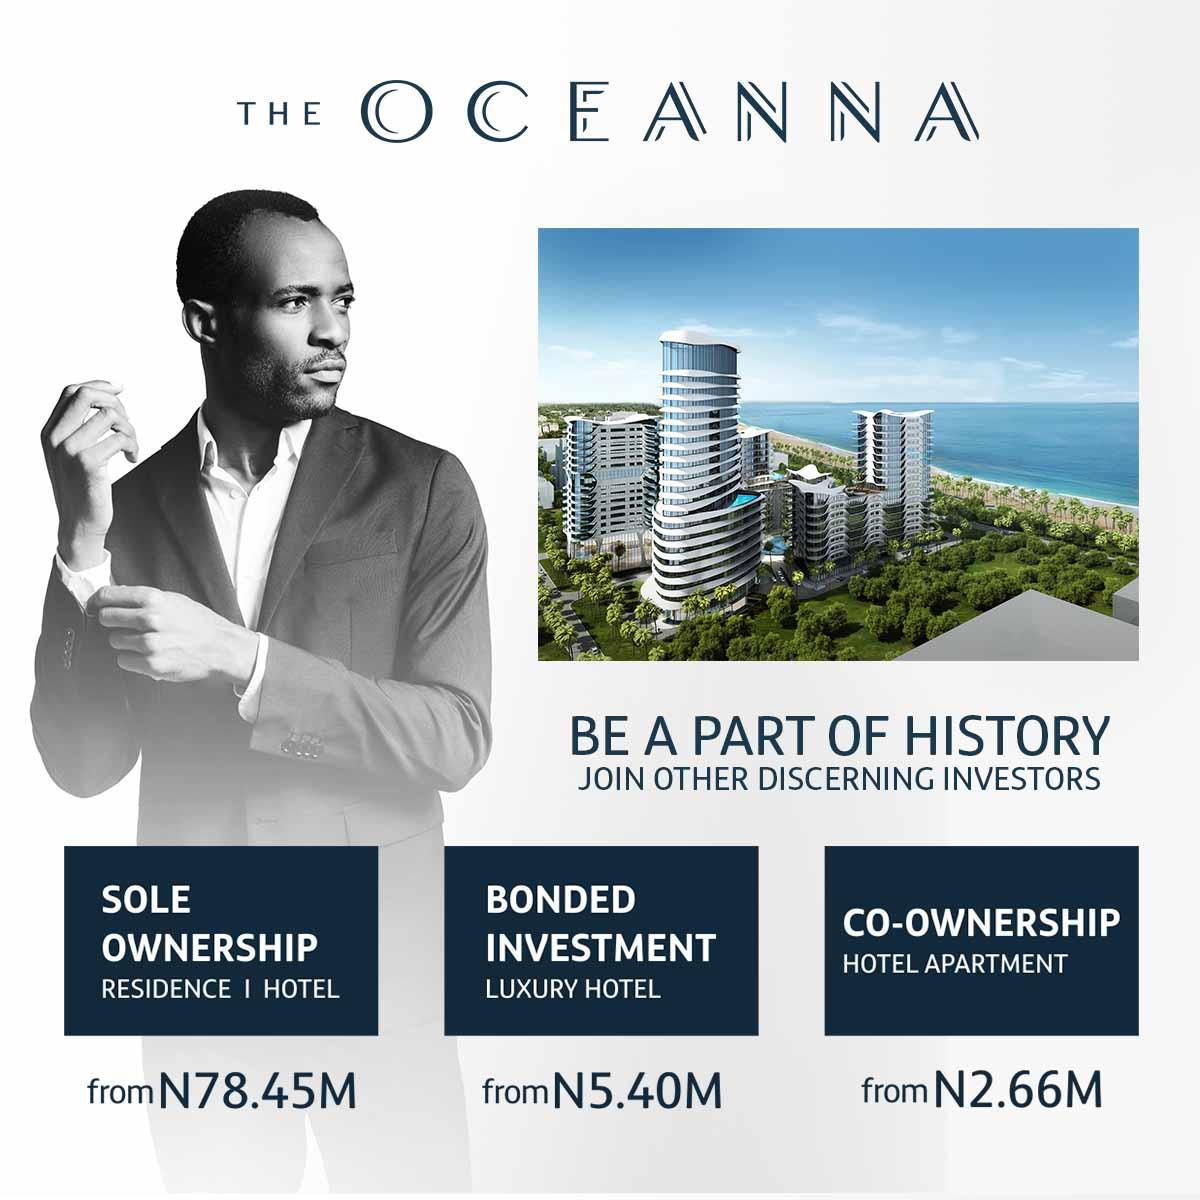 The Oceanna